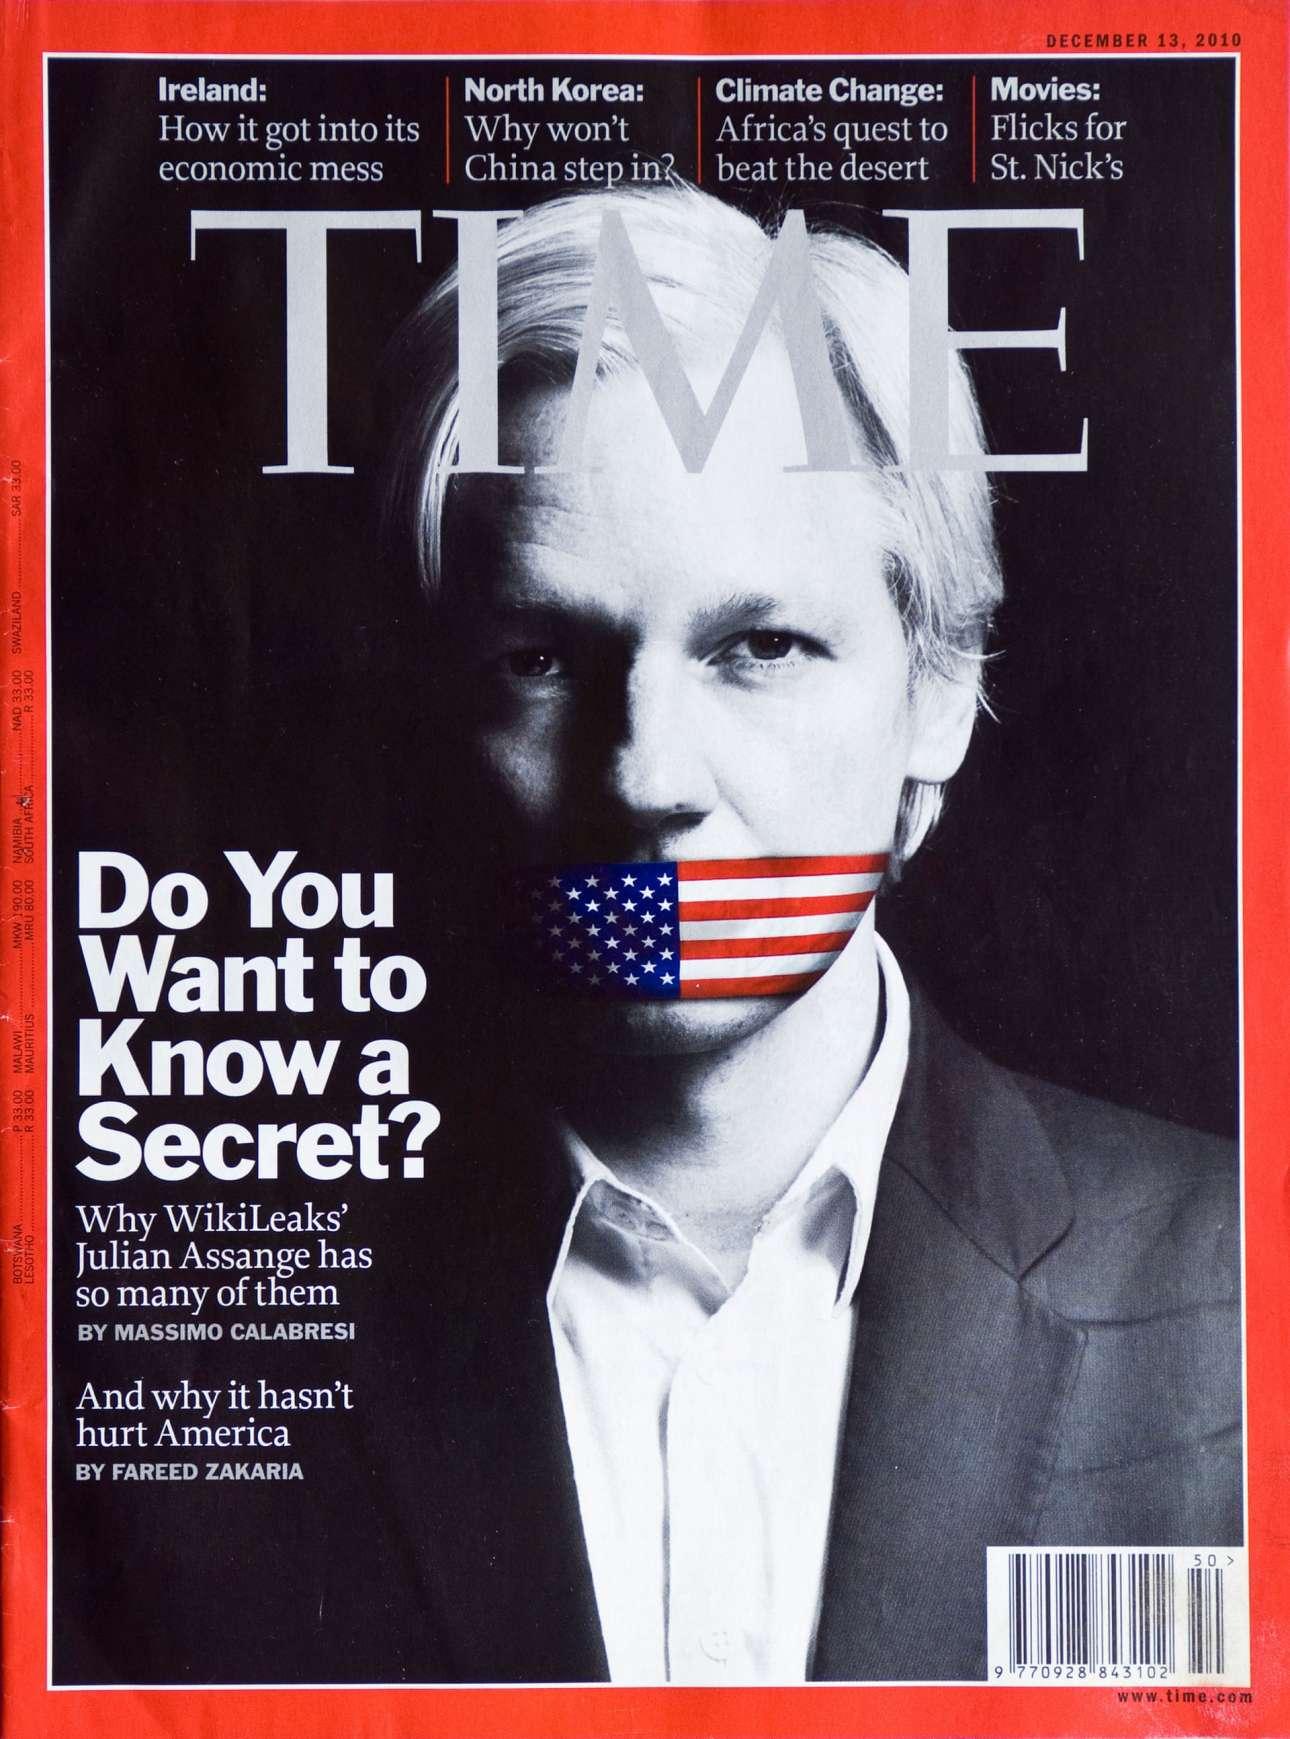 Ο Τζούλιαν Ασάνζ, ο άνθρωπος πίσω από το Wikileaks, φιμωμένος με την αμερικανική σημαία σε αυτό το εξώφυλλο από το 2010